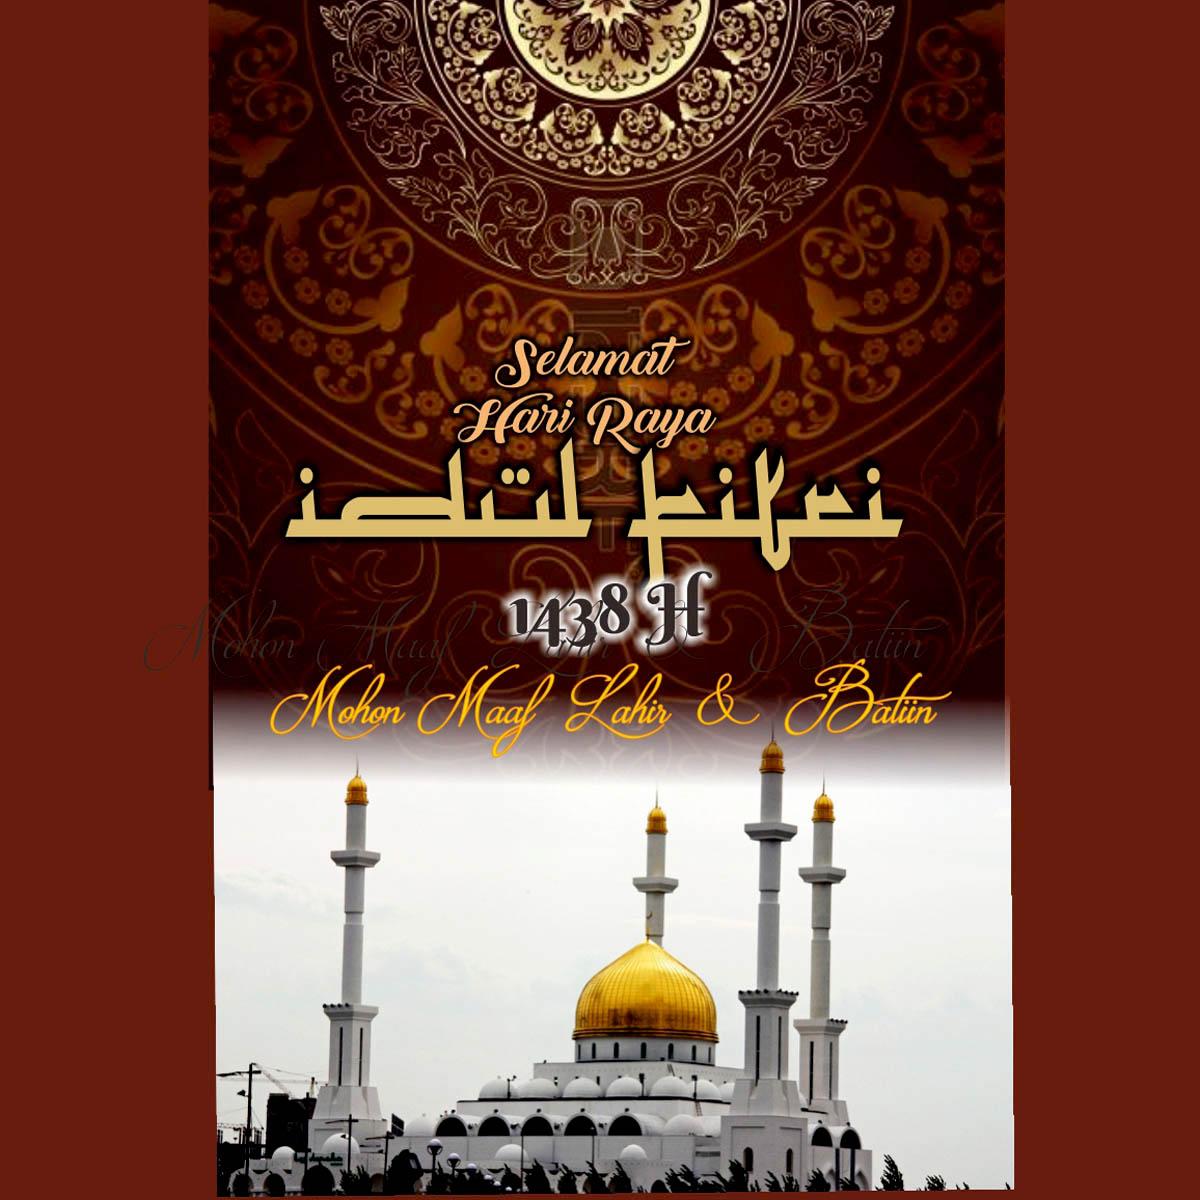 Lensa Media: Ucapan Hari Raya Idul Fitri 1438 H Free Download